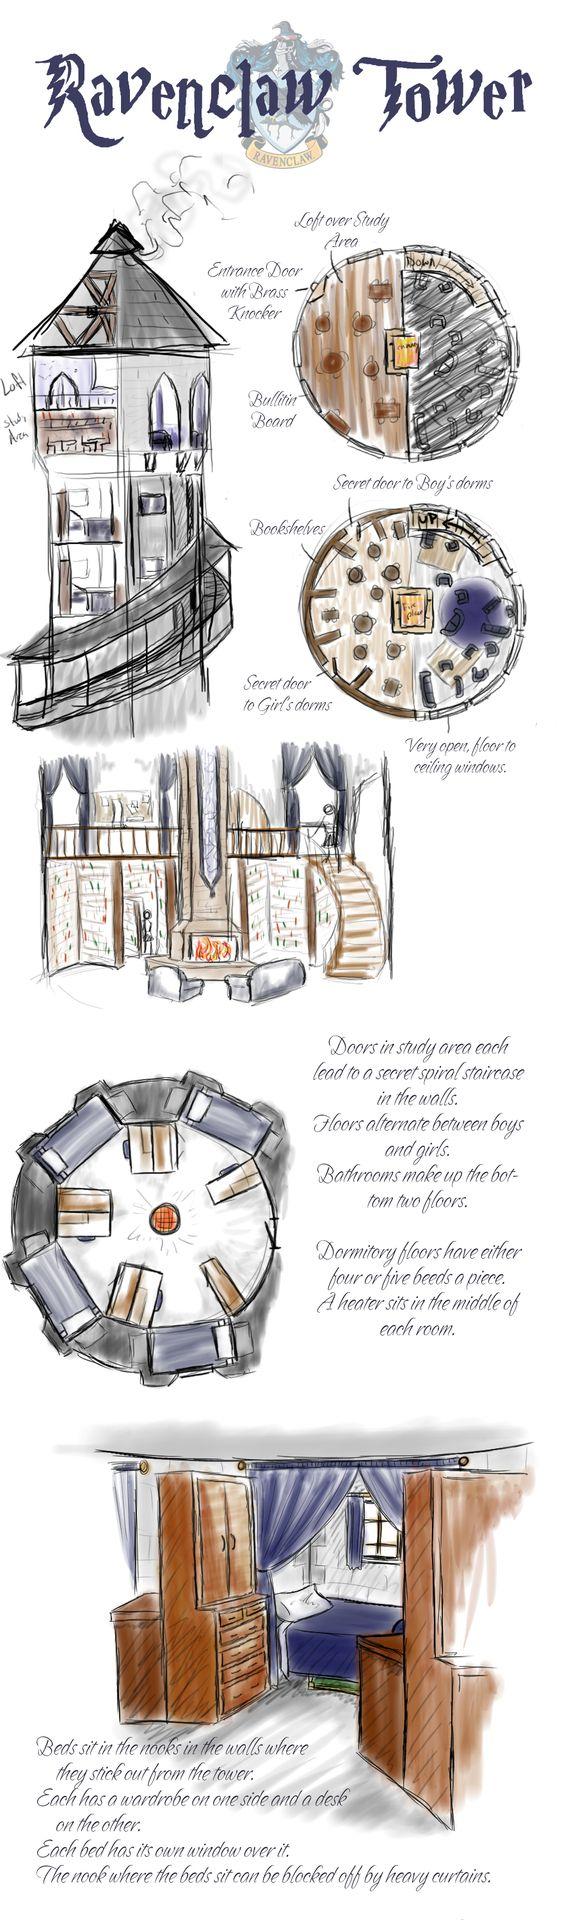 die besten 25 hogwarts briefvorlage ideen auf pinterest die dir gefallen werden hogwarts. Black Bedroom Furniture Sets. Home Design Ideas